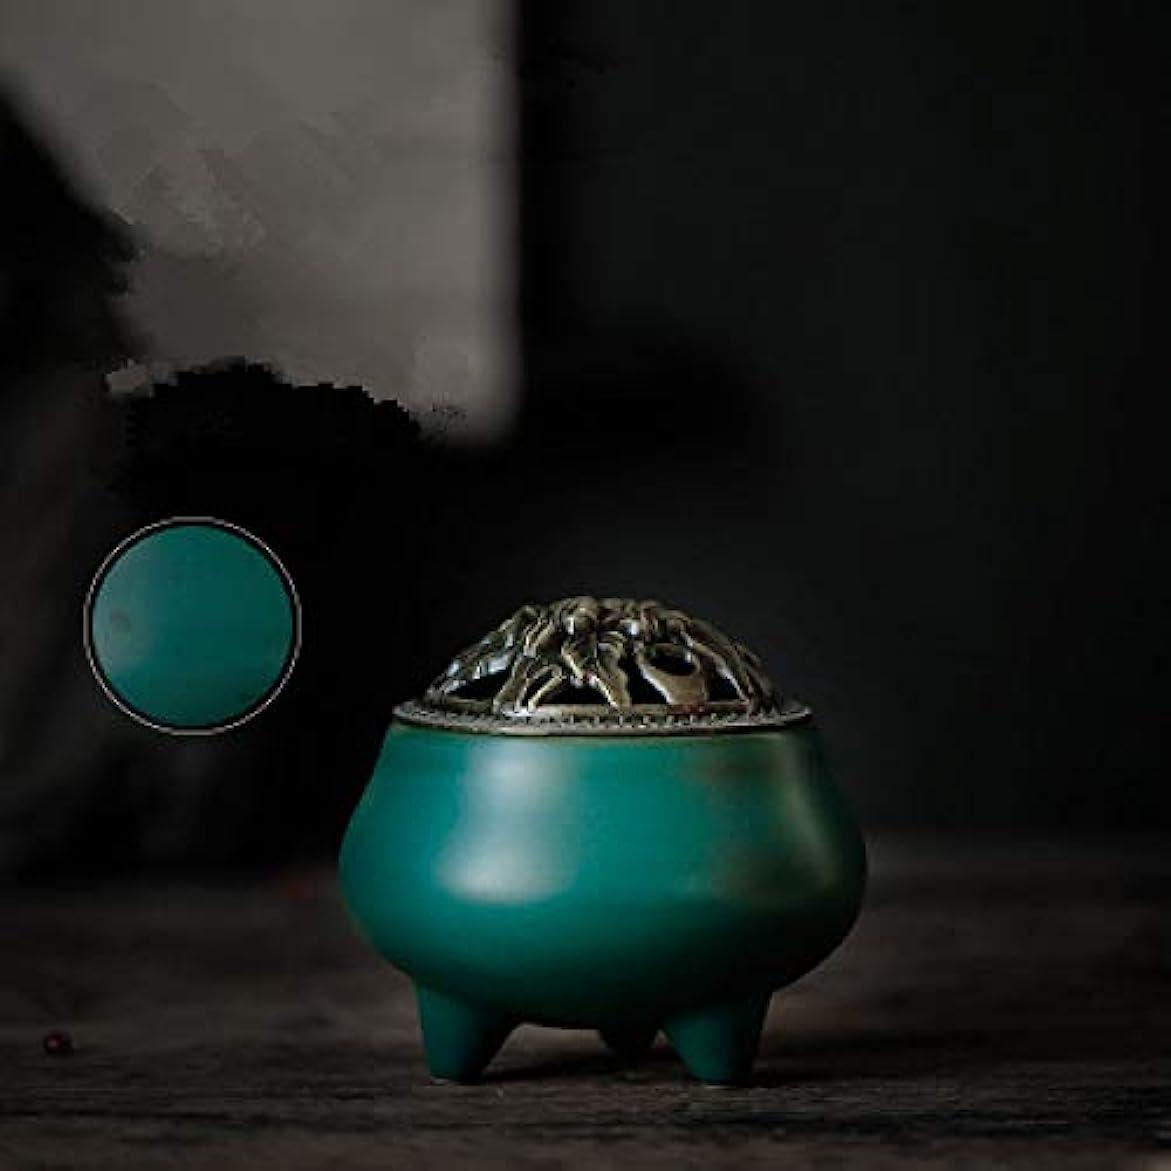 受ける悲劇アンテナレトロスタイルの滝香炉逆流香炉バーナーポットチベット金翔仏教10 * 9センチ